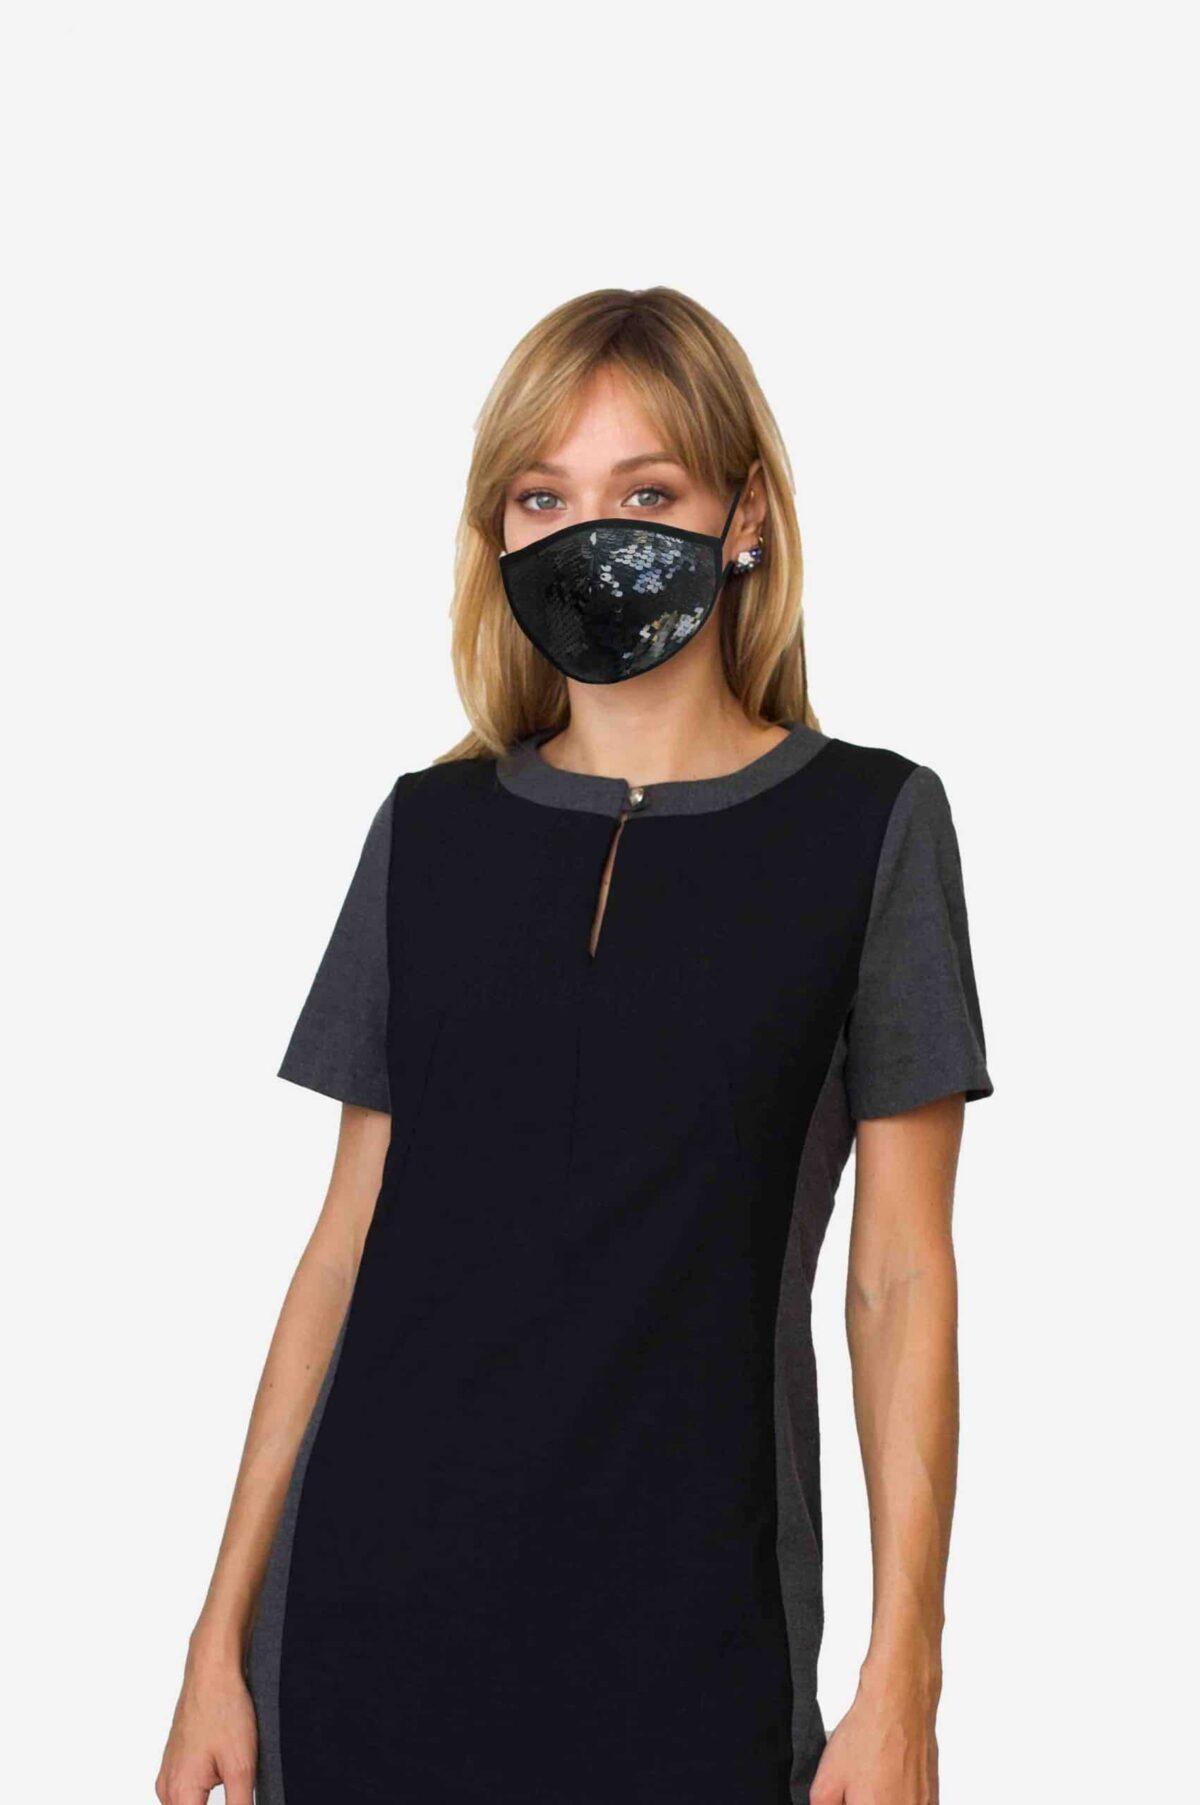 Stylische Mund-Nase-Maske Gesichtsmaske von SANOGE mit schwarzen Glitzer Pailletten. Edel, elegant. Hergestellt in Deutschland.